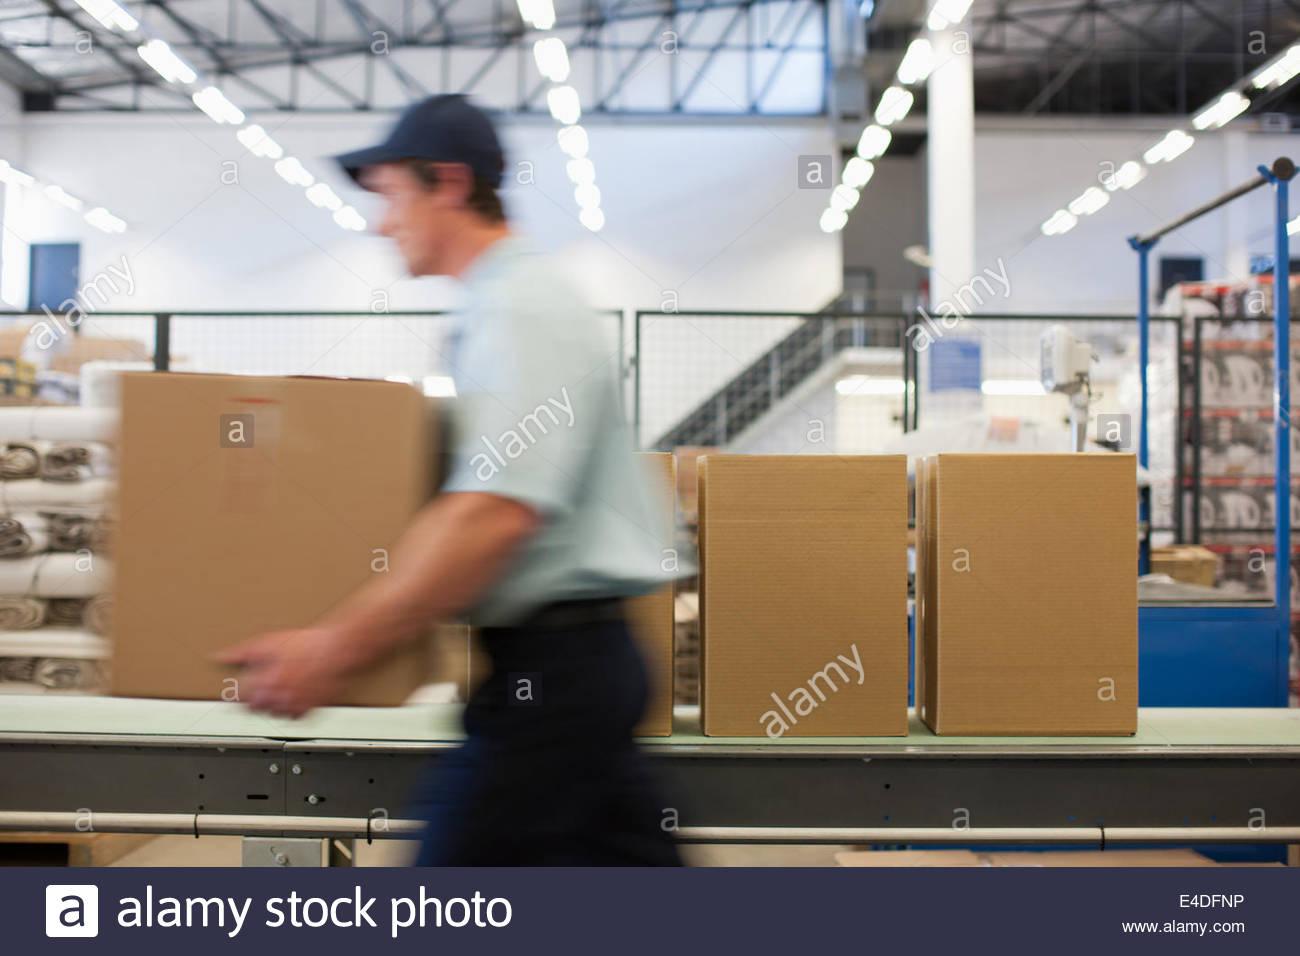 Lavoratore scatola di trasporto nella zona di spedizione Immagini Stock